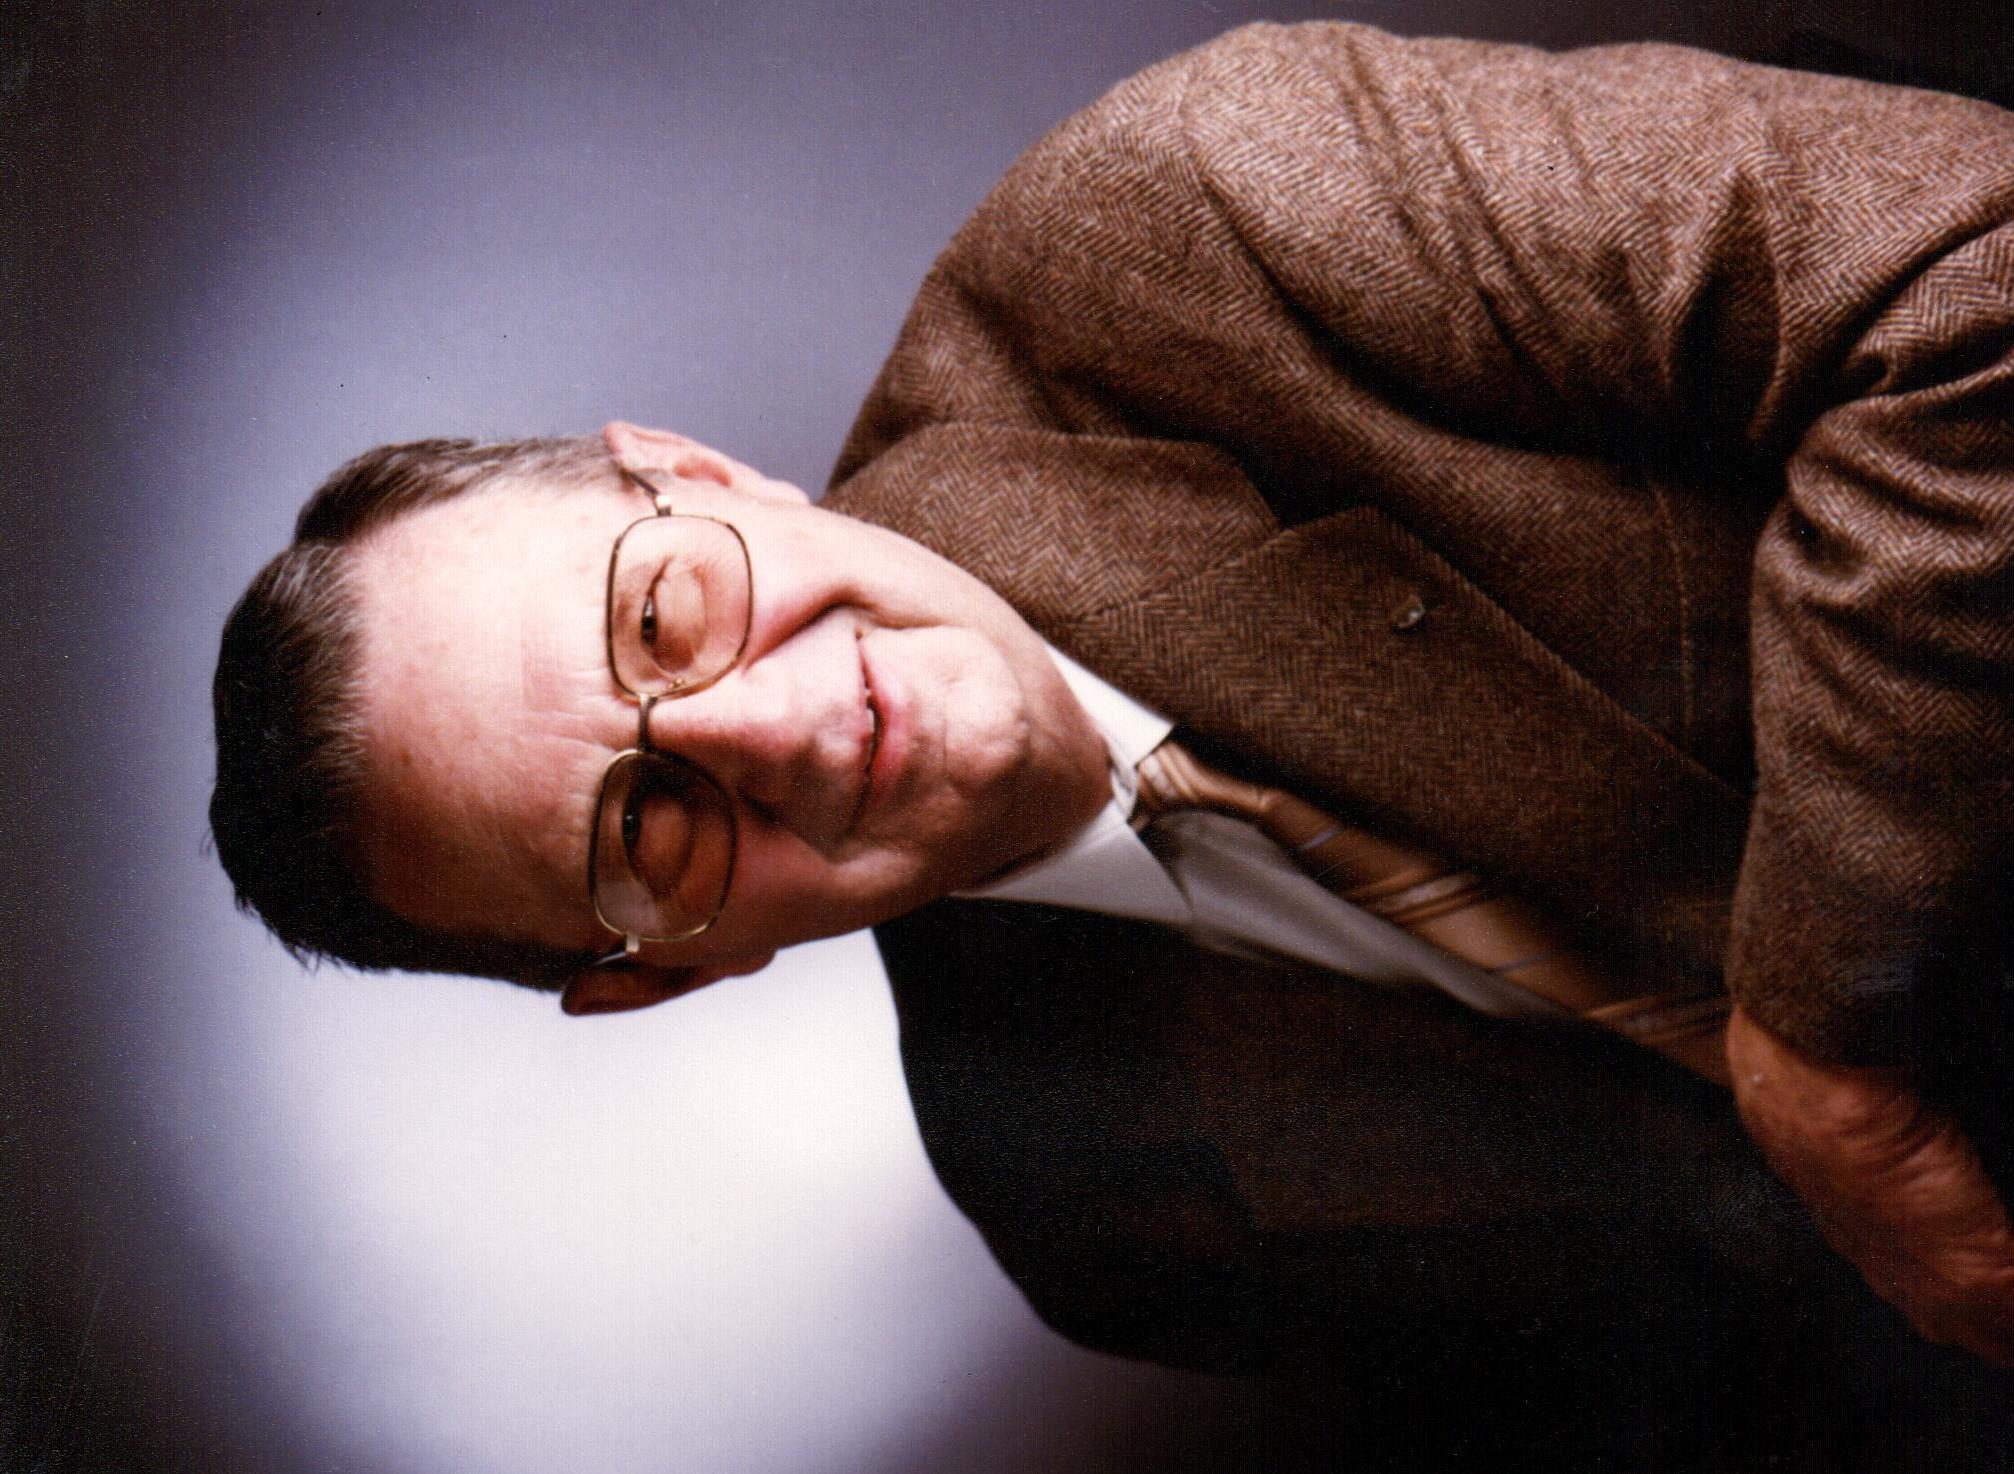 Loewe, Richard C